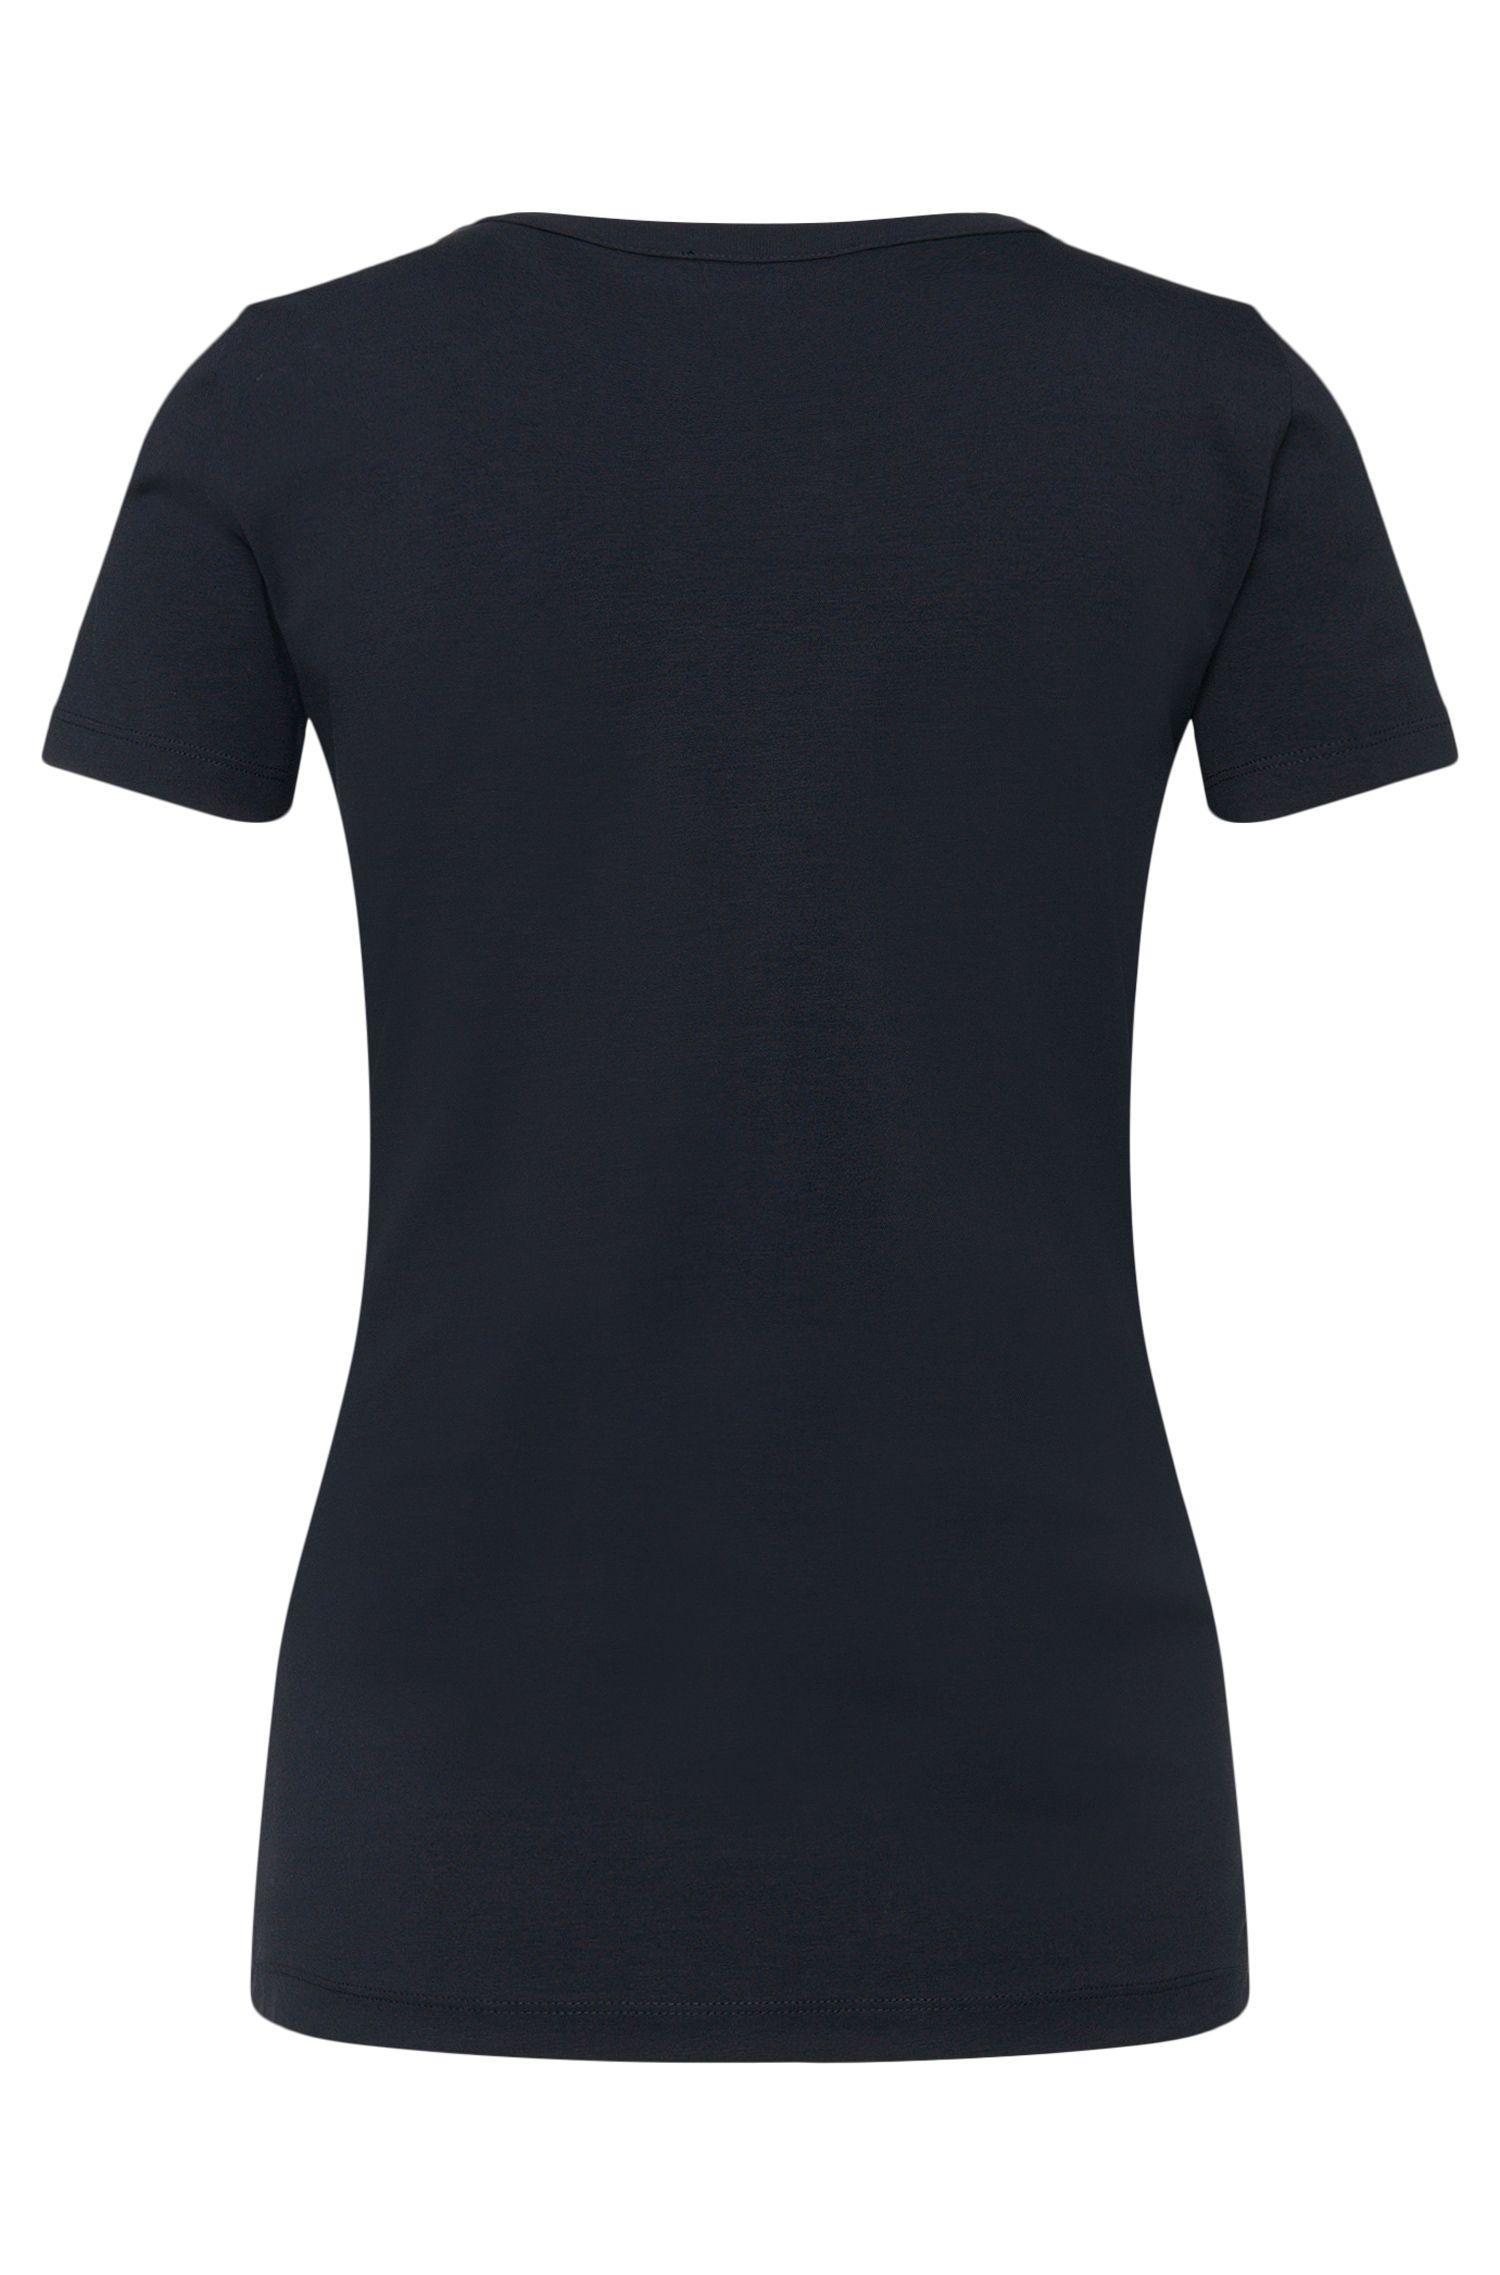 T-shirt van stretchkatoen met bies van chiffon: 'Enka_EoSP'